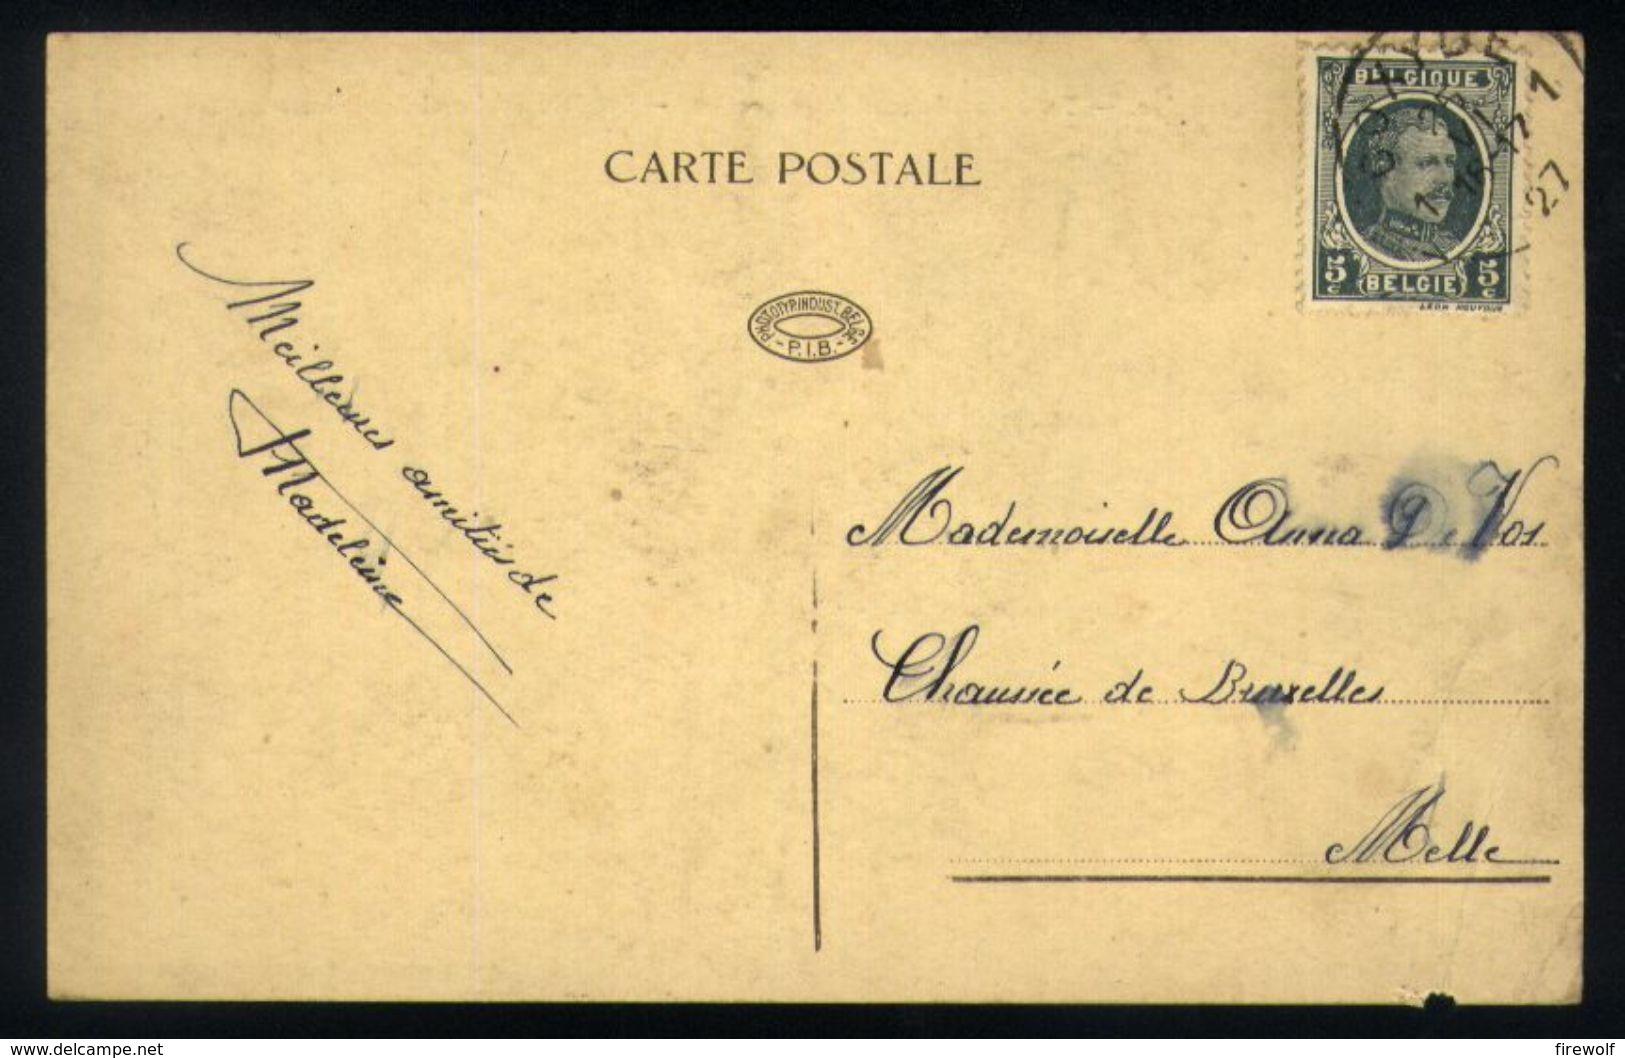 Z07 - Koksijde - La Plage Belge - Type De Pêcheur De Crevettes - Modèle Recherché Par Les Artistes - Used Coxyde 1927 - Koksijde